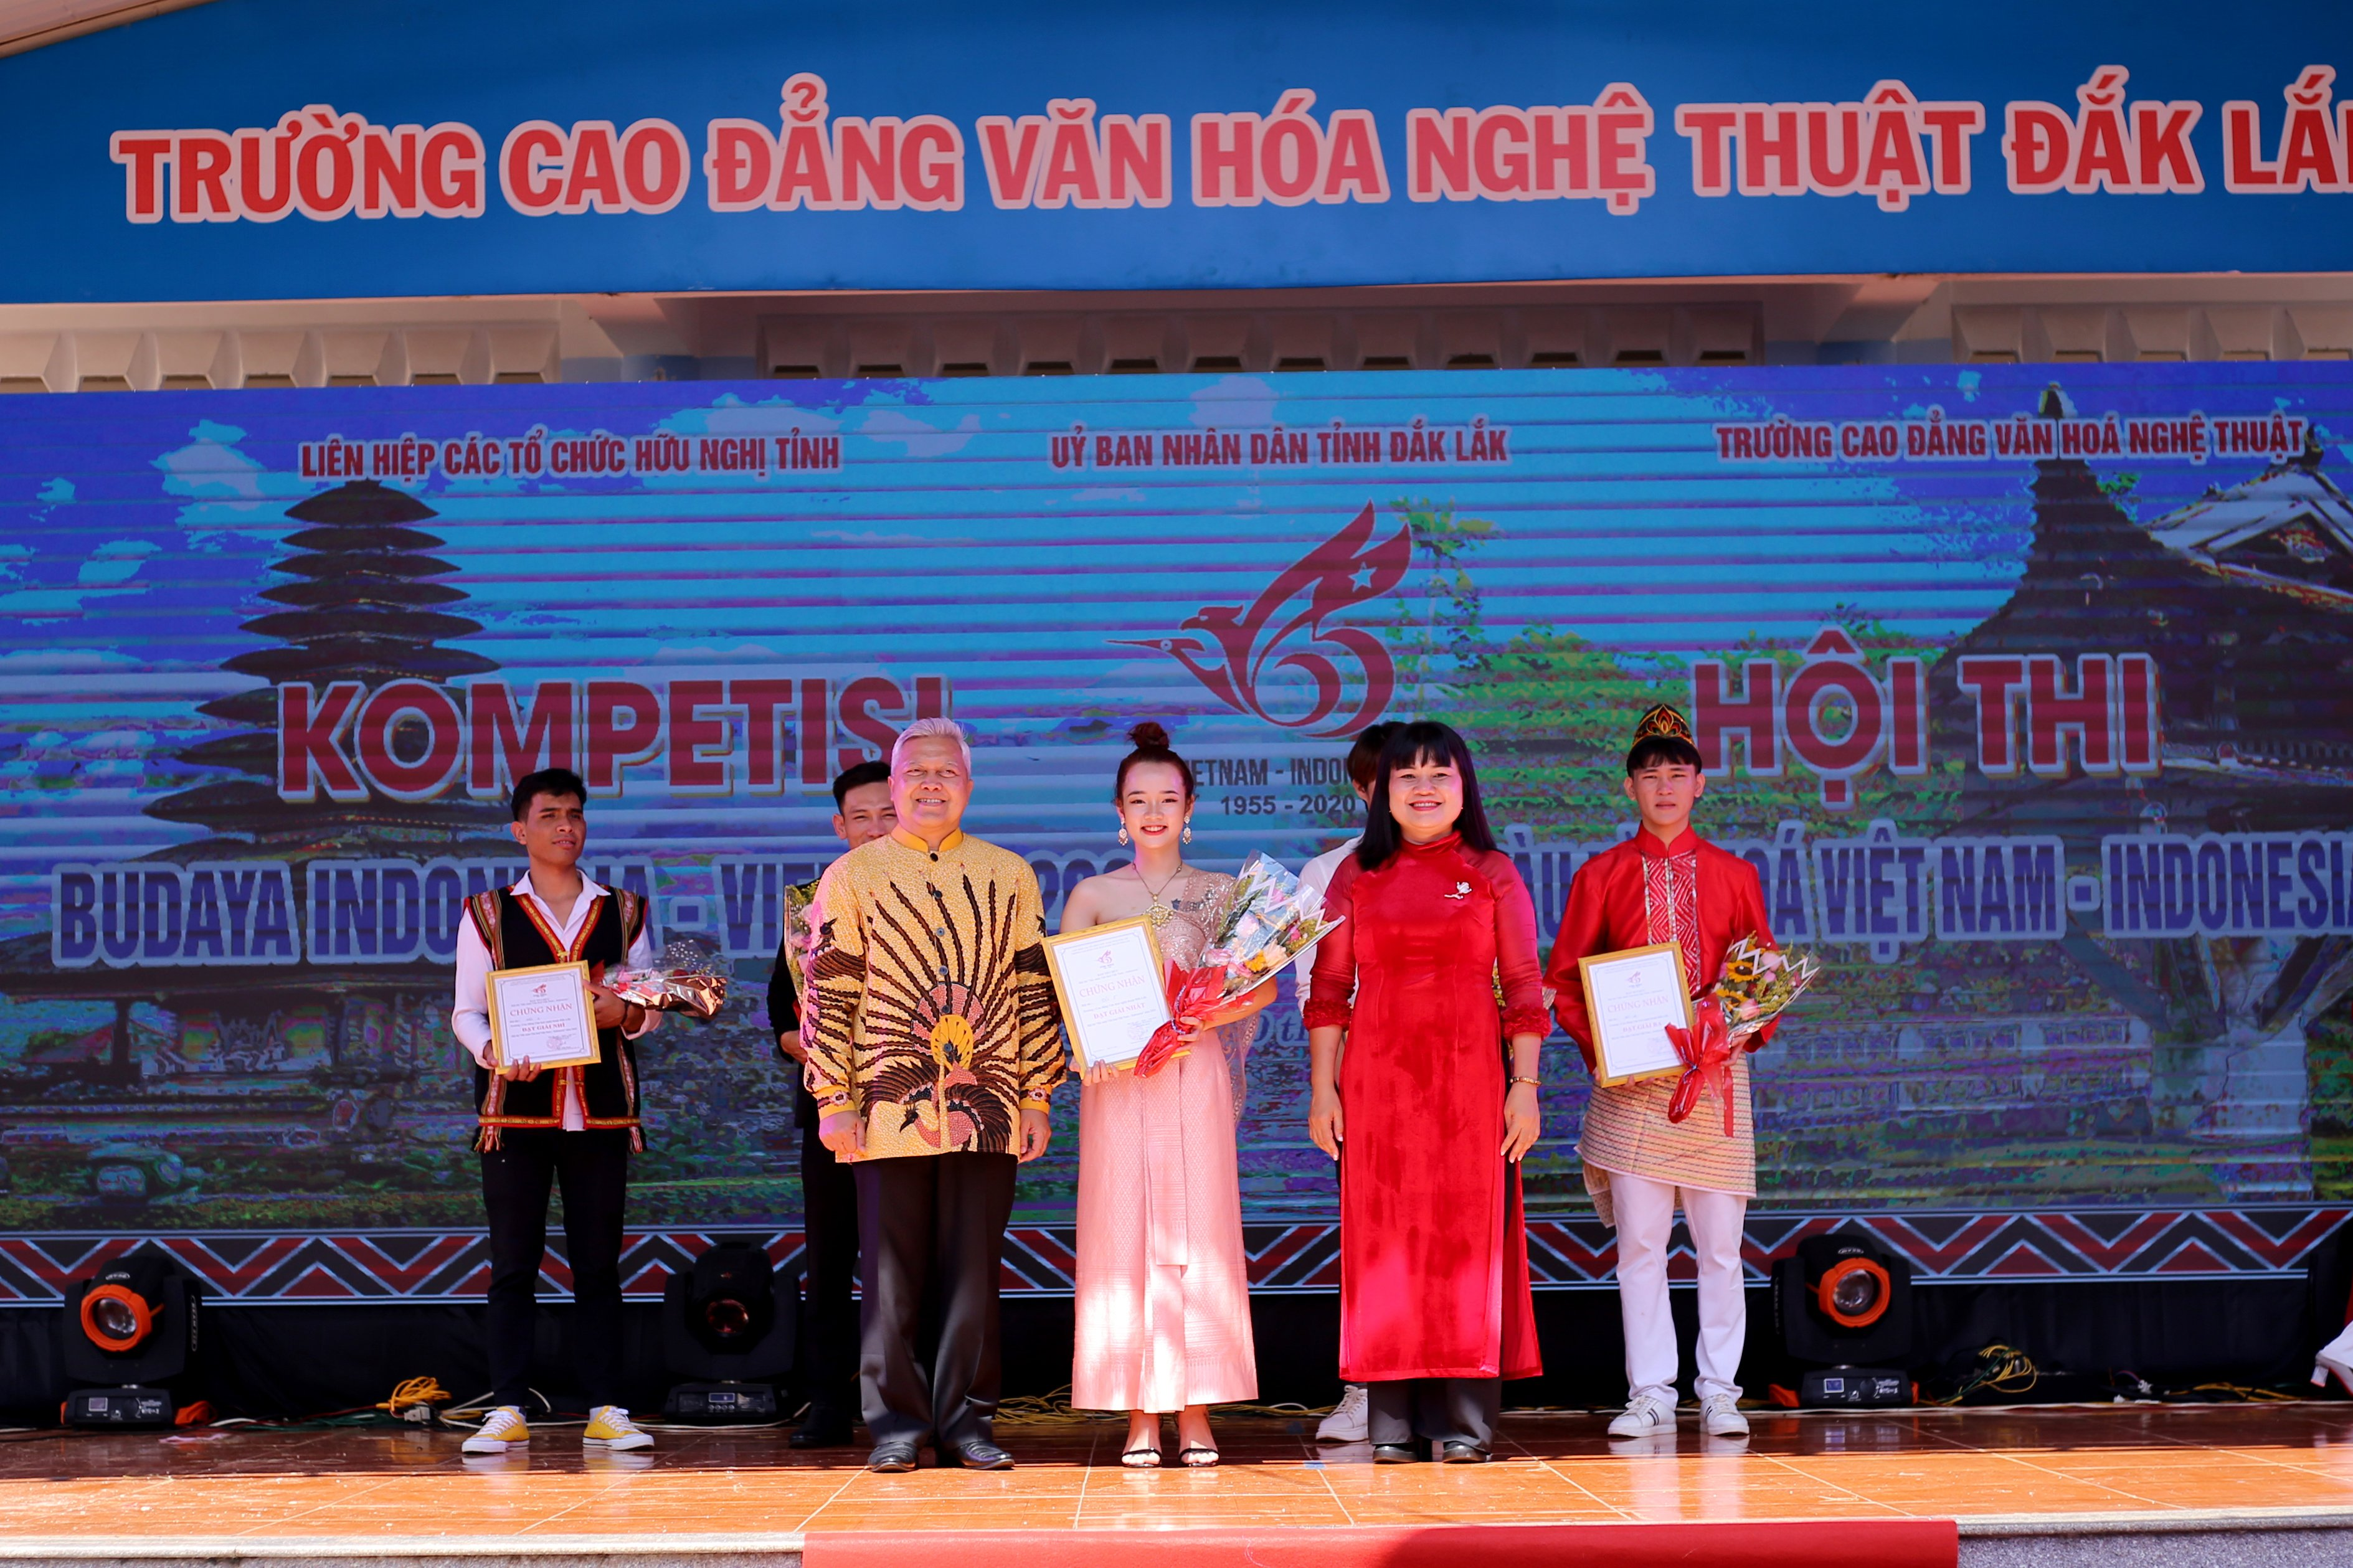 Hội thi sắc màu văn hóa Việt Nam – Indonesia năm 2020